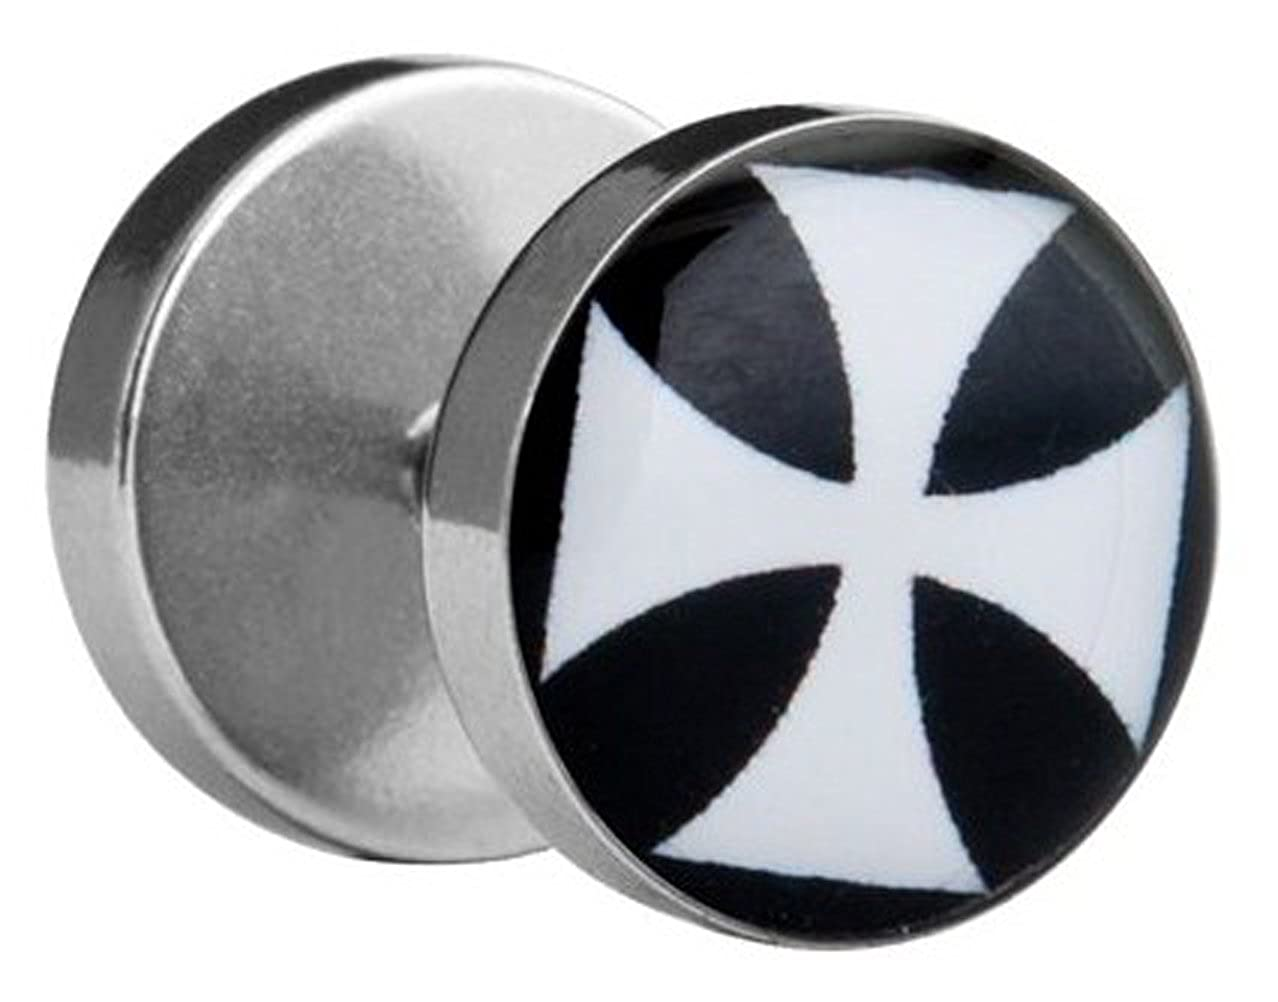 2 x 10 mm Fake Plug Tunnel Ohrstecker Eisernes Kreuz EK Fakeplugs Schwarz Weiß